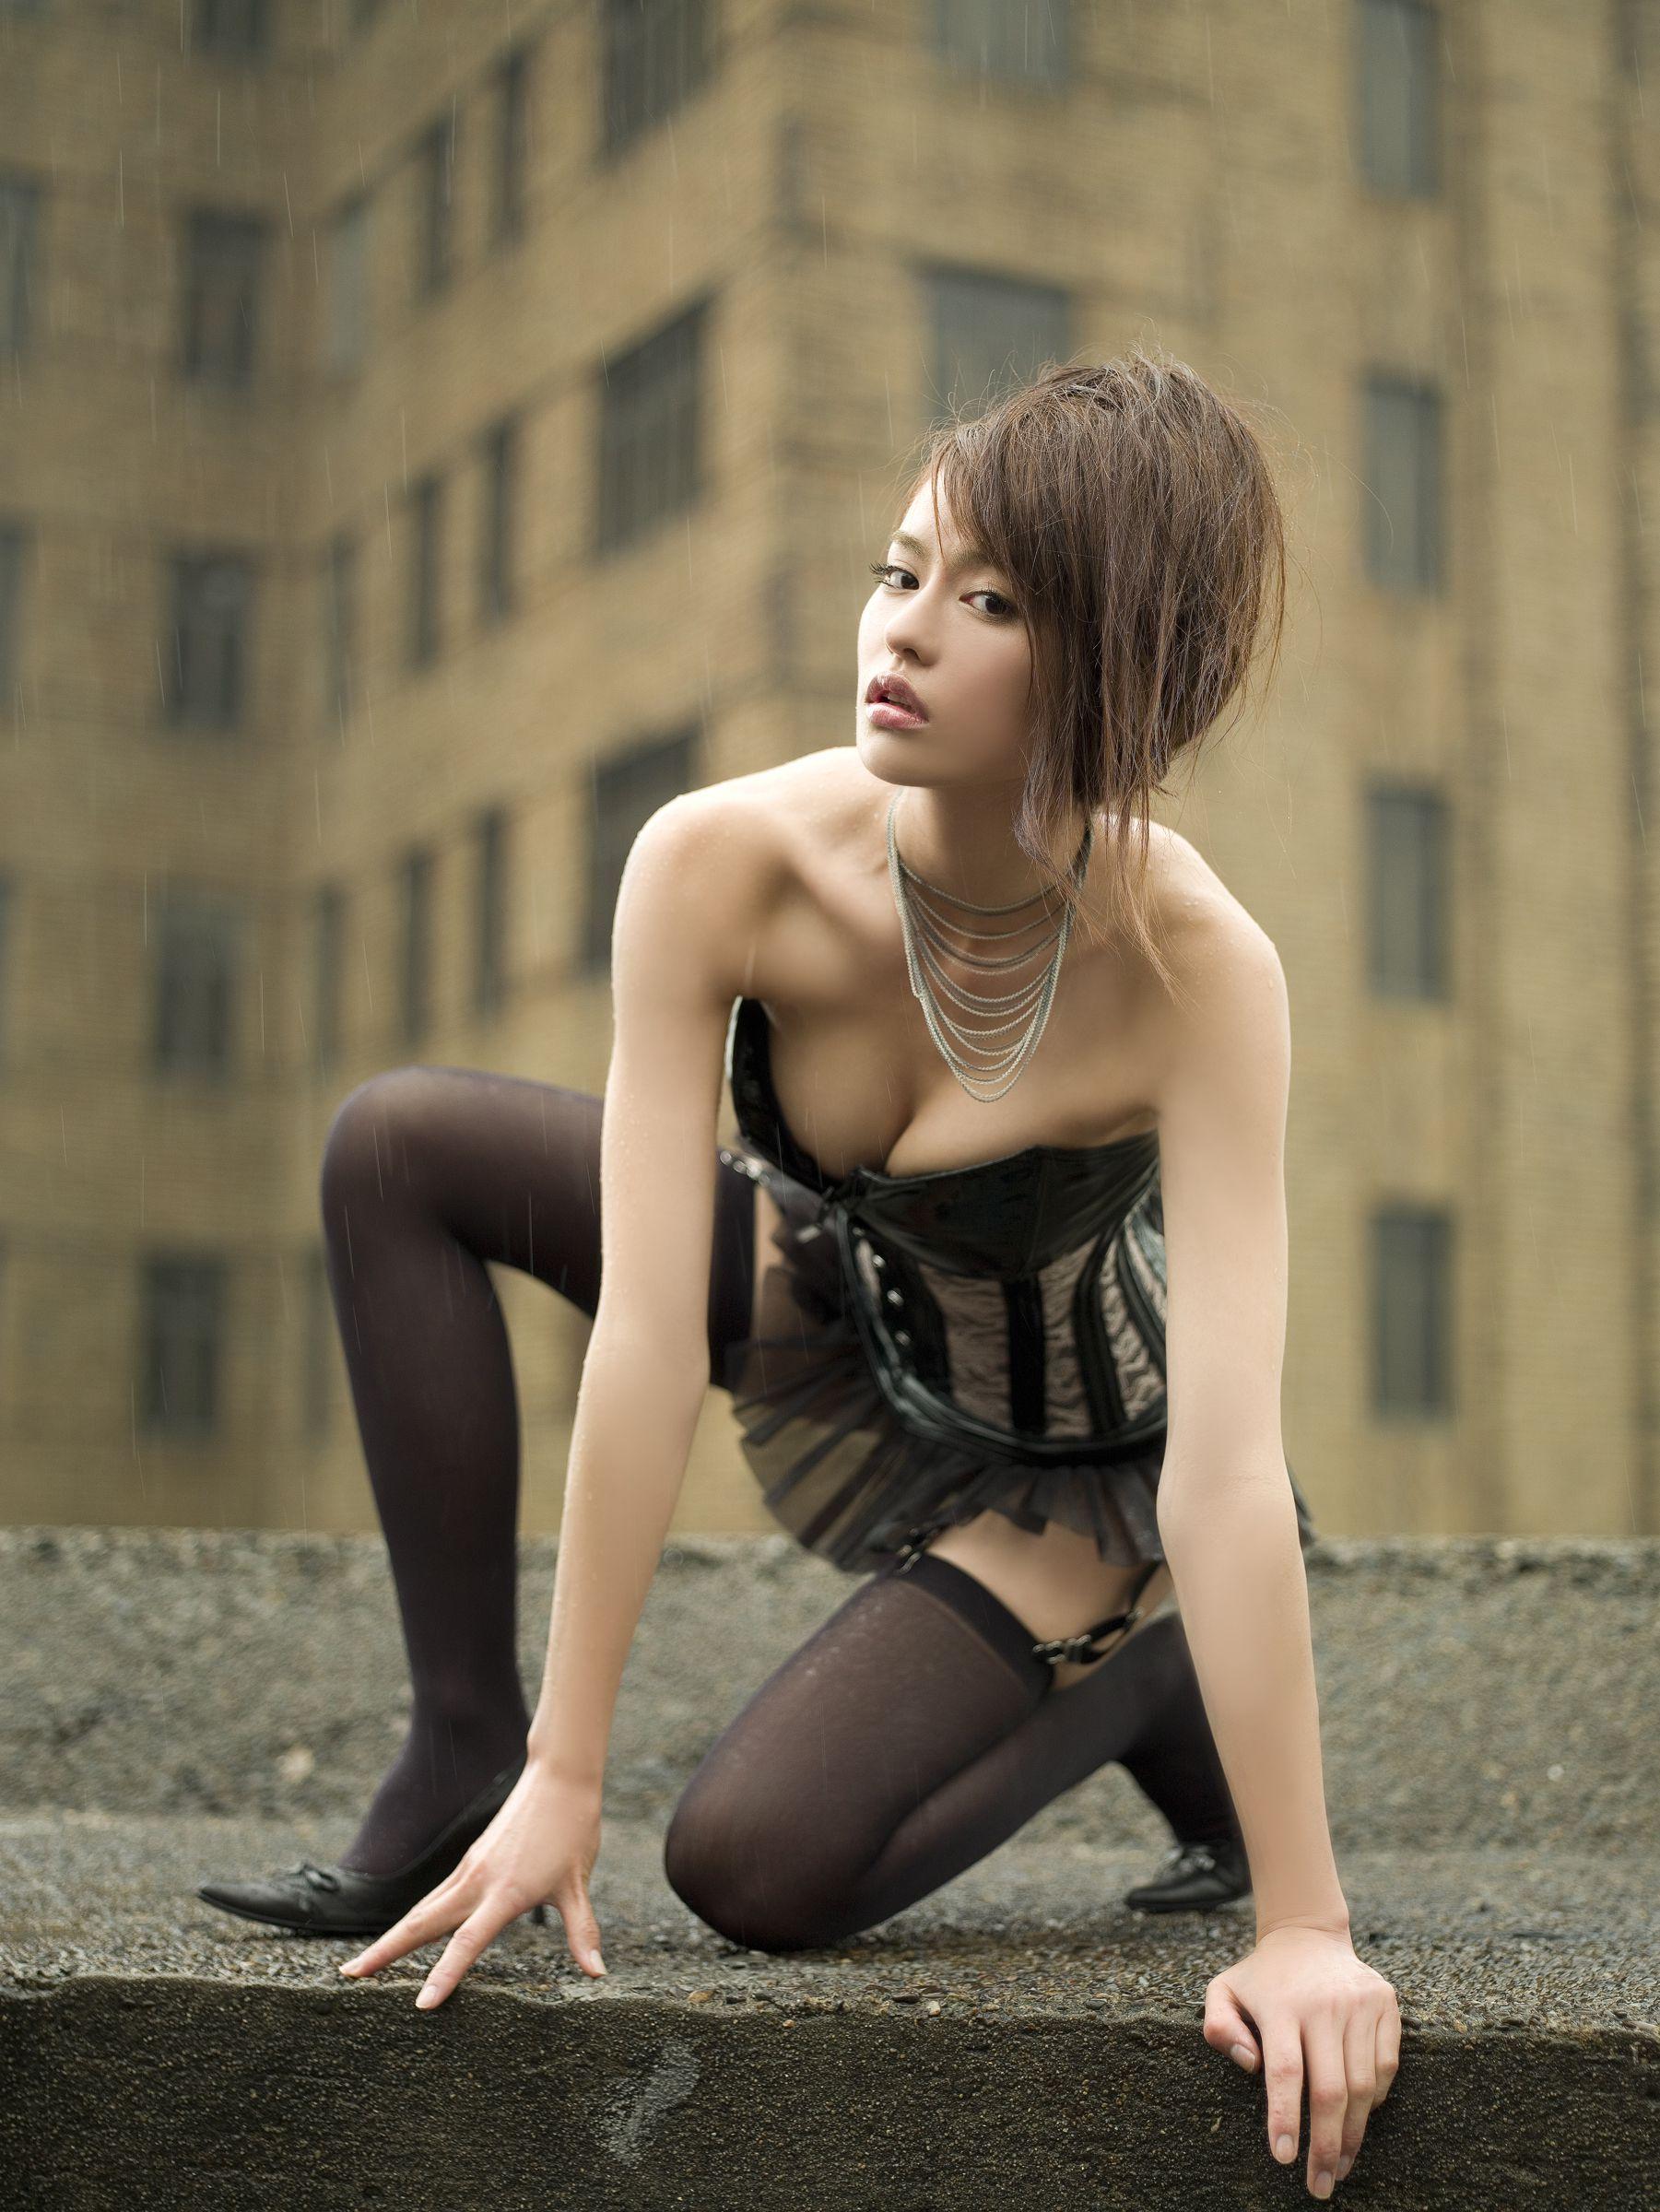 白鸟百合子、しらとり ゆりこ、Yuriko Shiratoni个人资料介绍,及其写真作品欣赏 美女精选 第9张